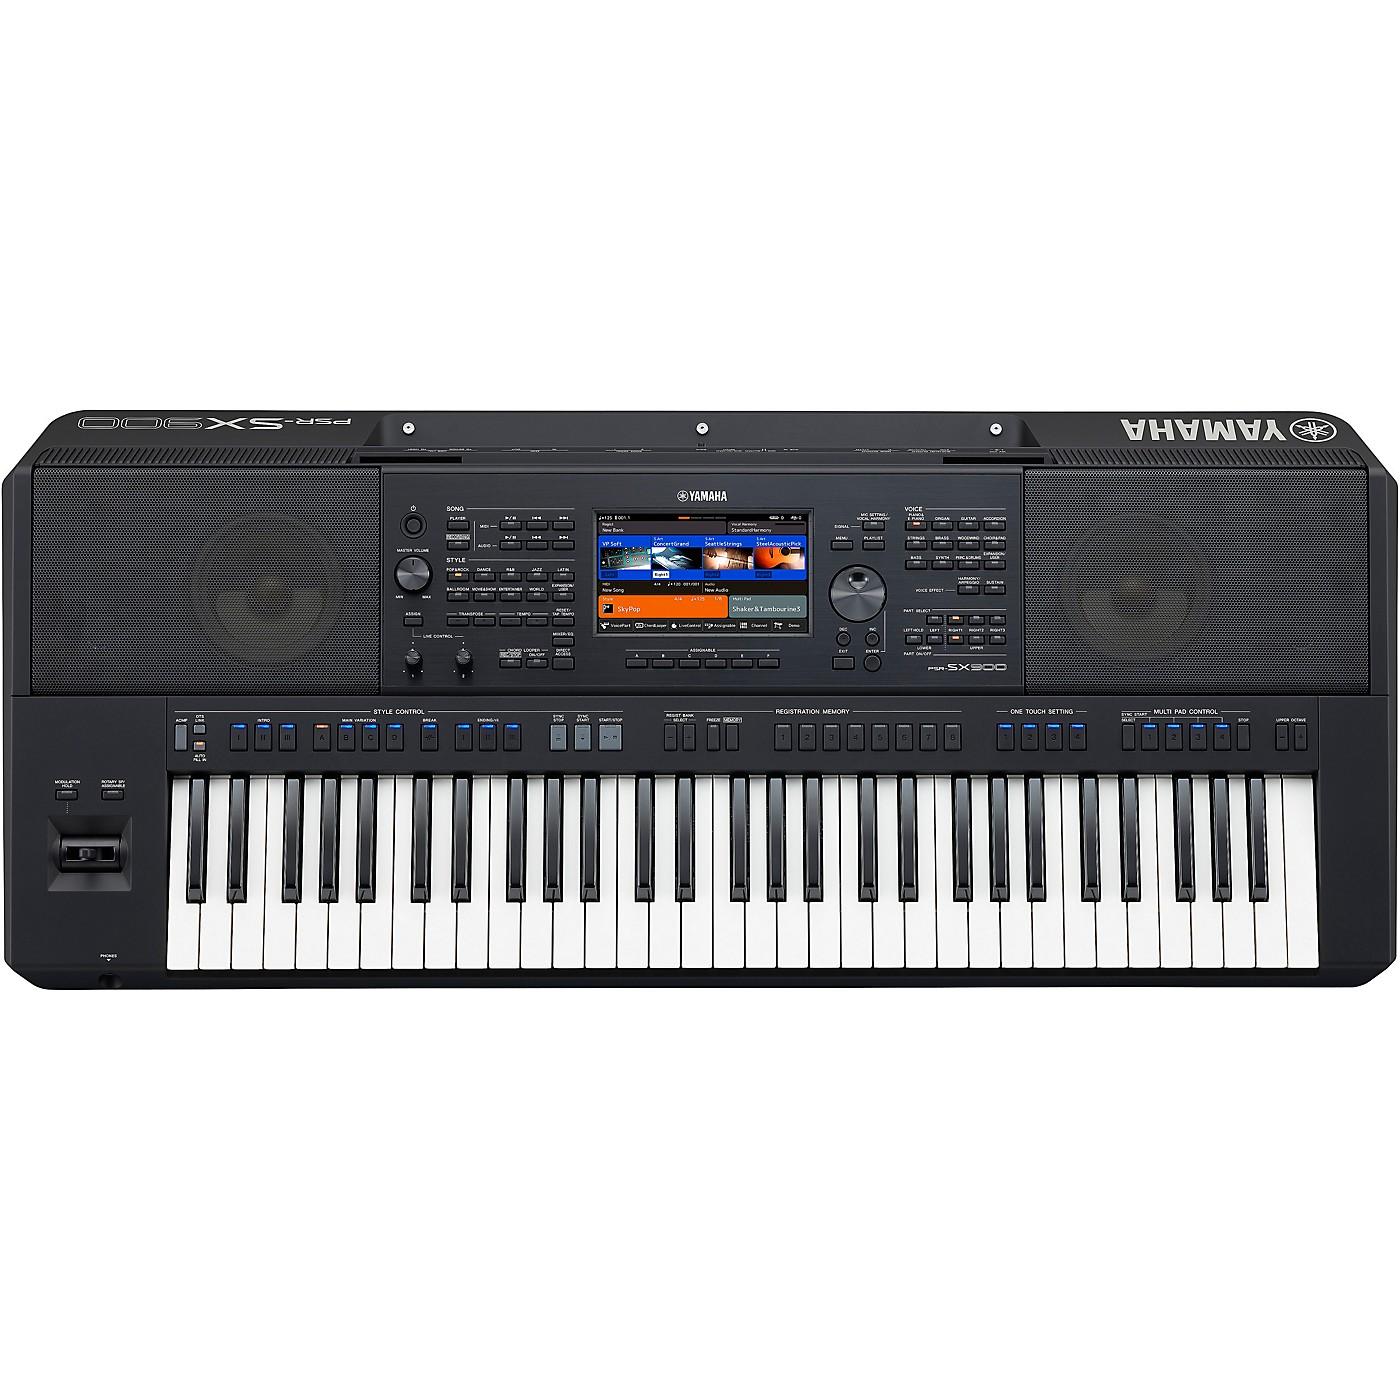 Yamaha PSR-SX900 61-Key High-Level Arranger Keyboard thumbnail